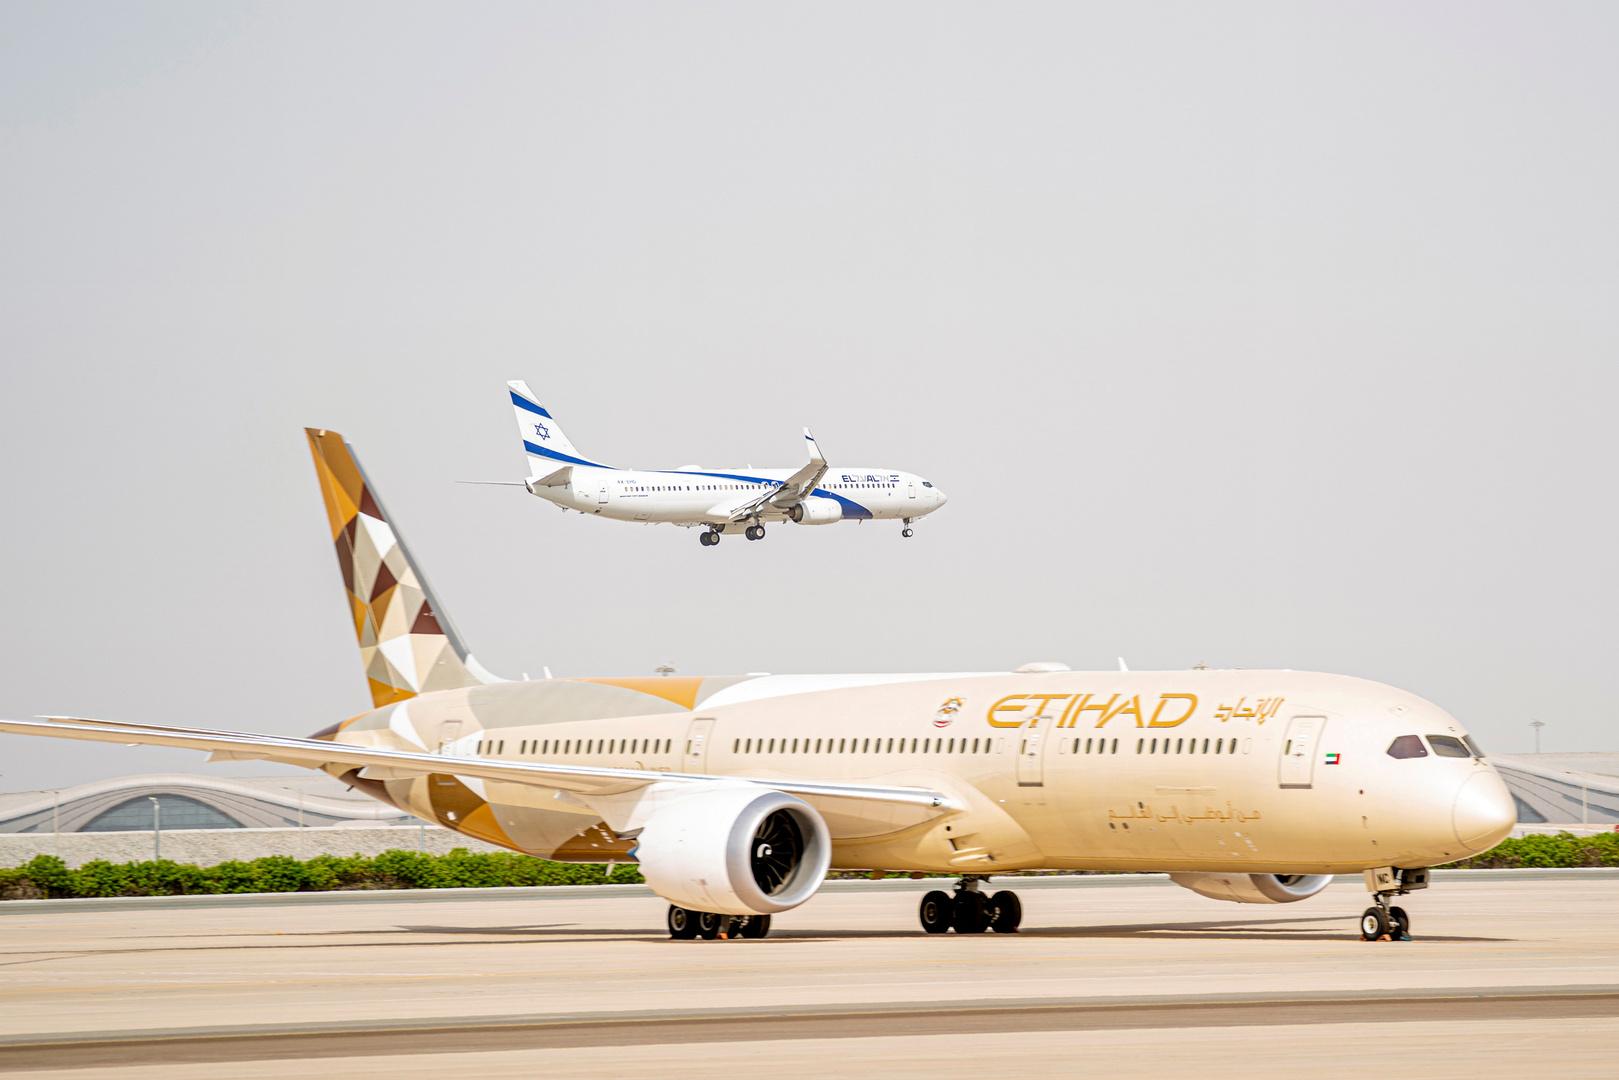 إسرائيل والإمارات توقعان اتفاق طيران تجاري خلال أيام